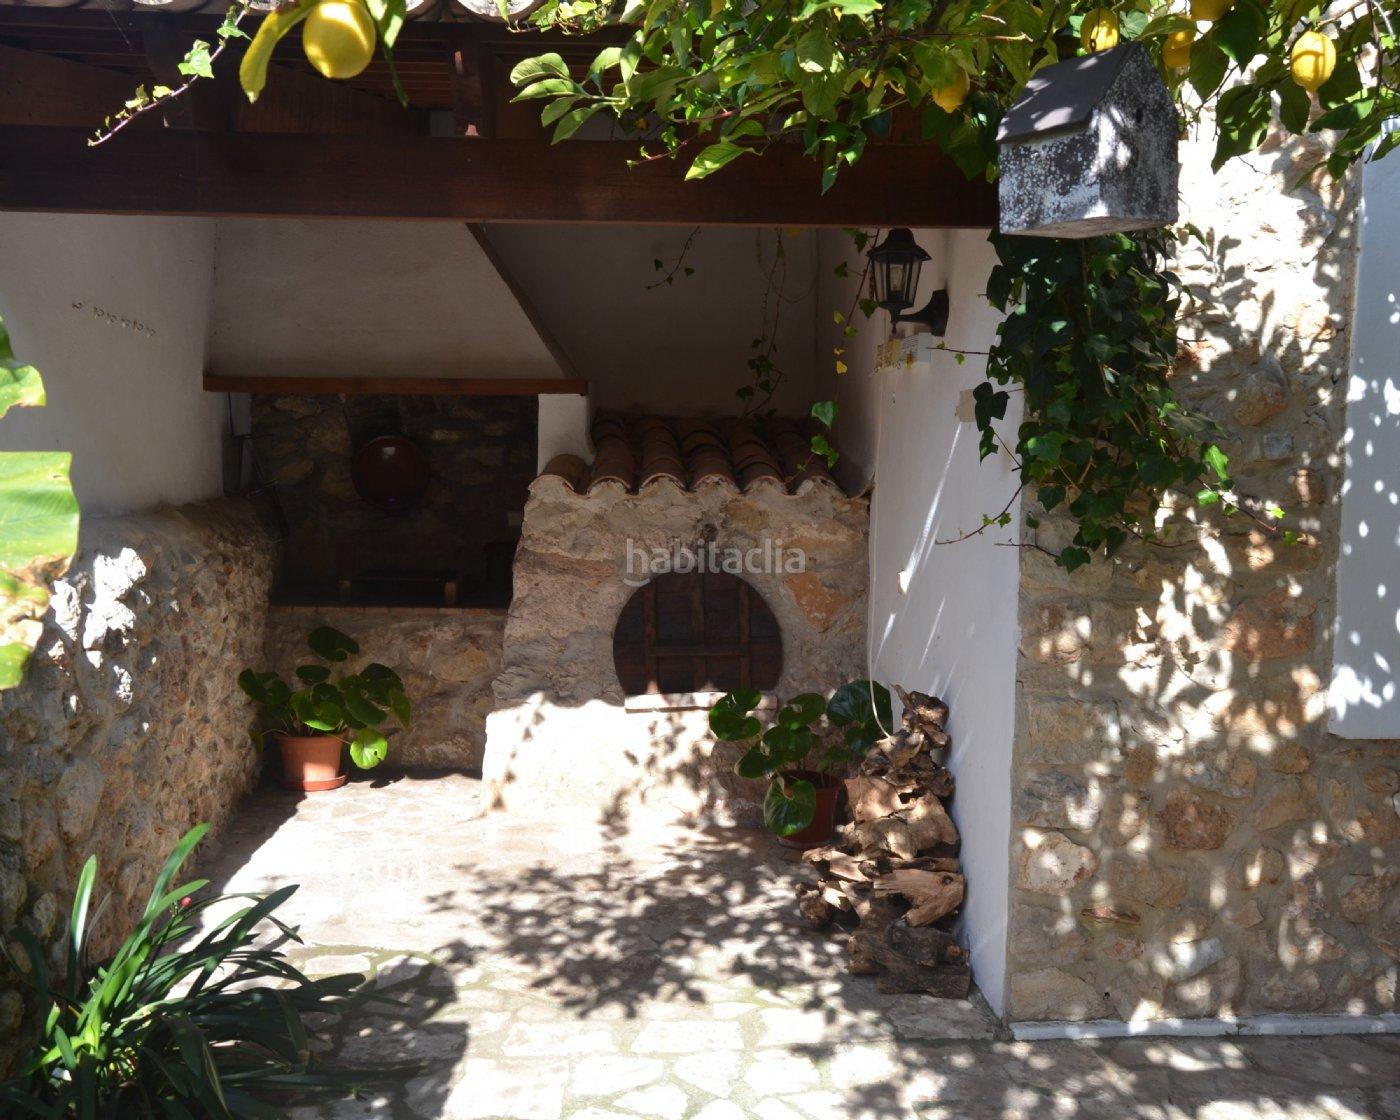 Casa por en carrer son duran vendo dos plantas for Vendo caseta de jardin